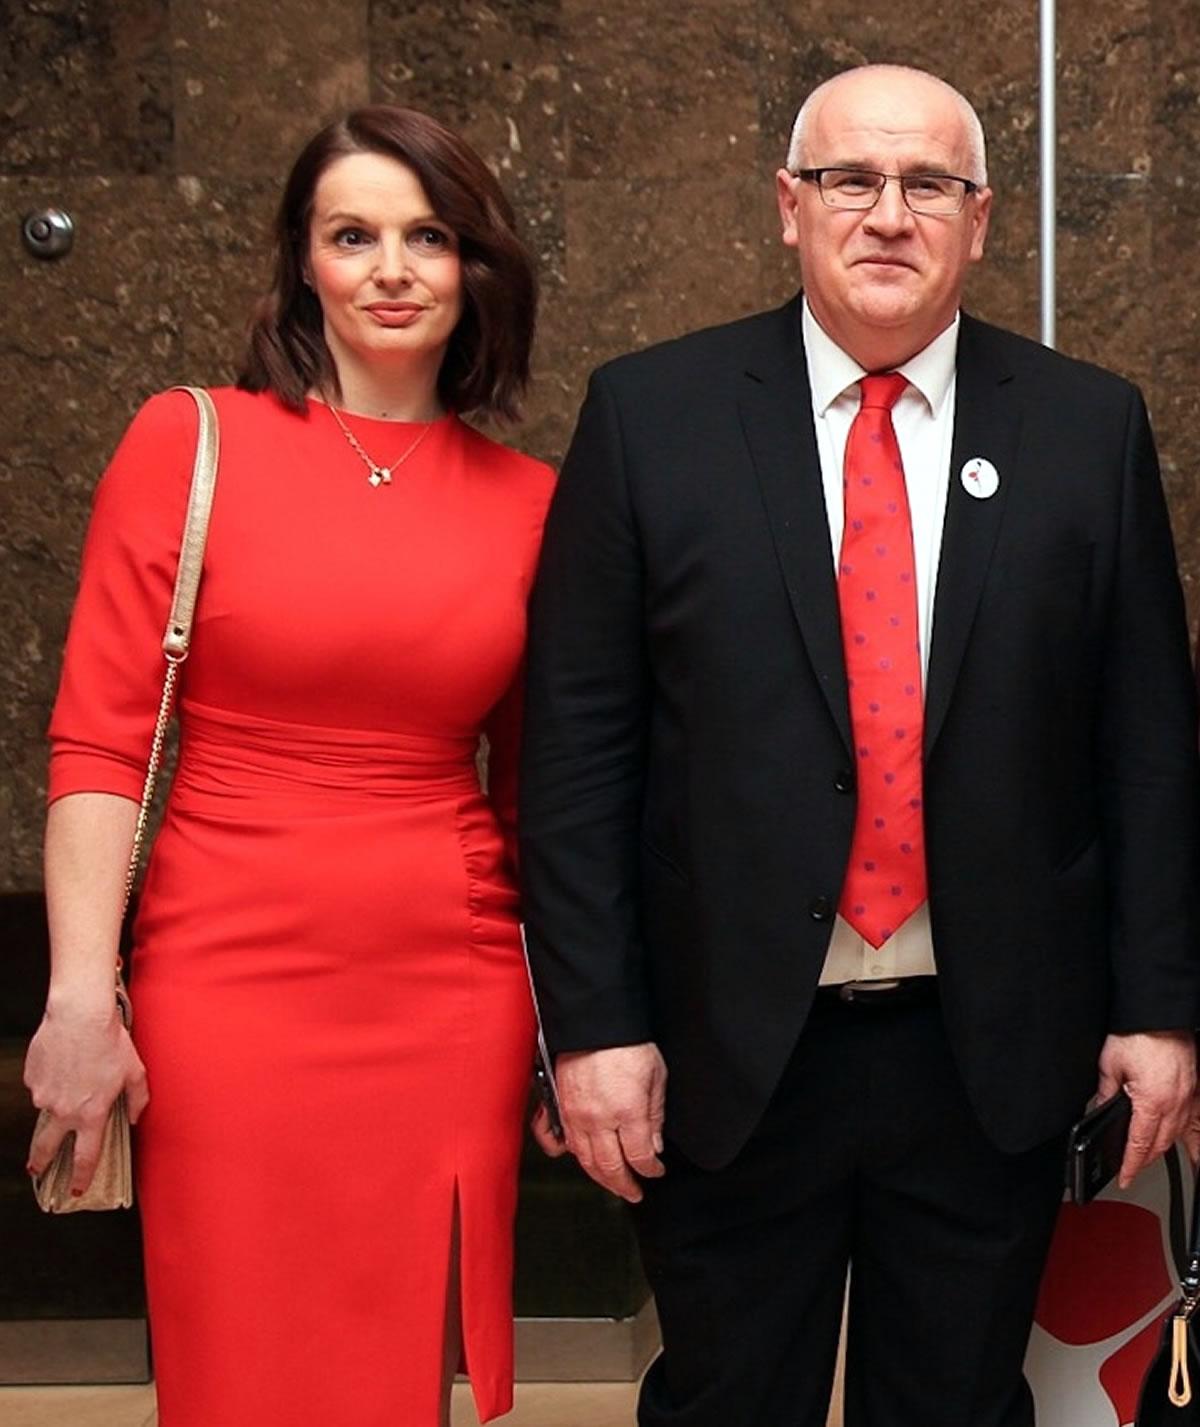 Mirela Šentija Knežević i Vjekoslav Jeleč - Dan crvenih haljina 2020